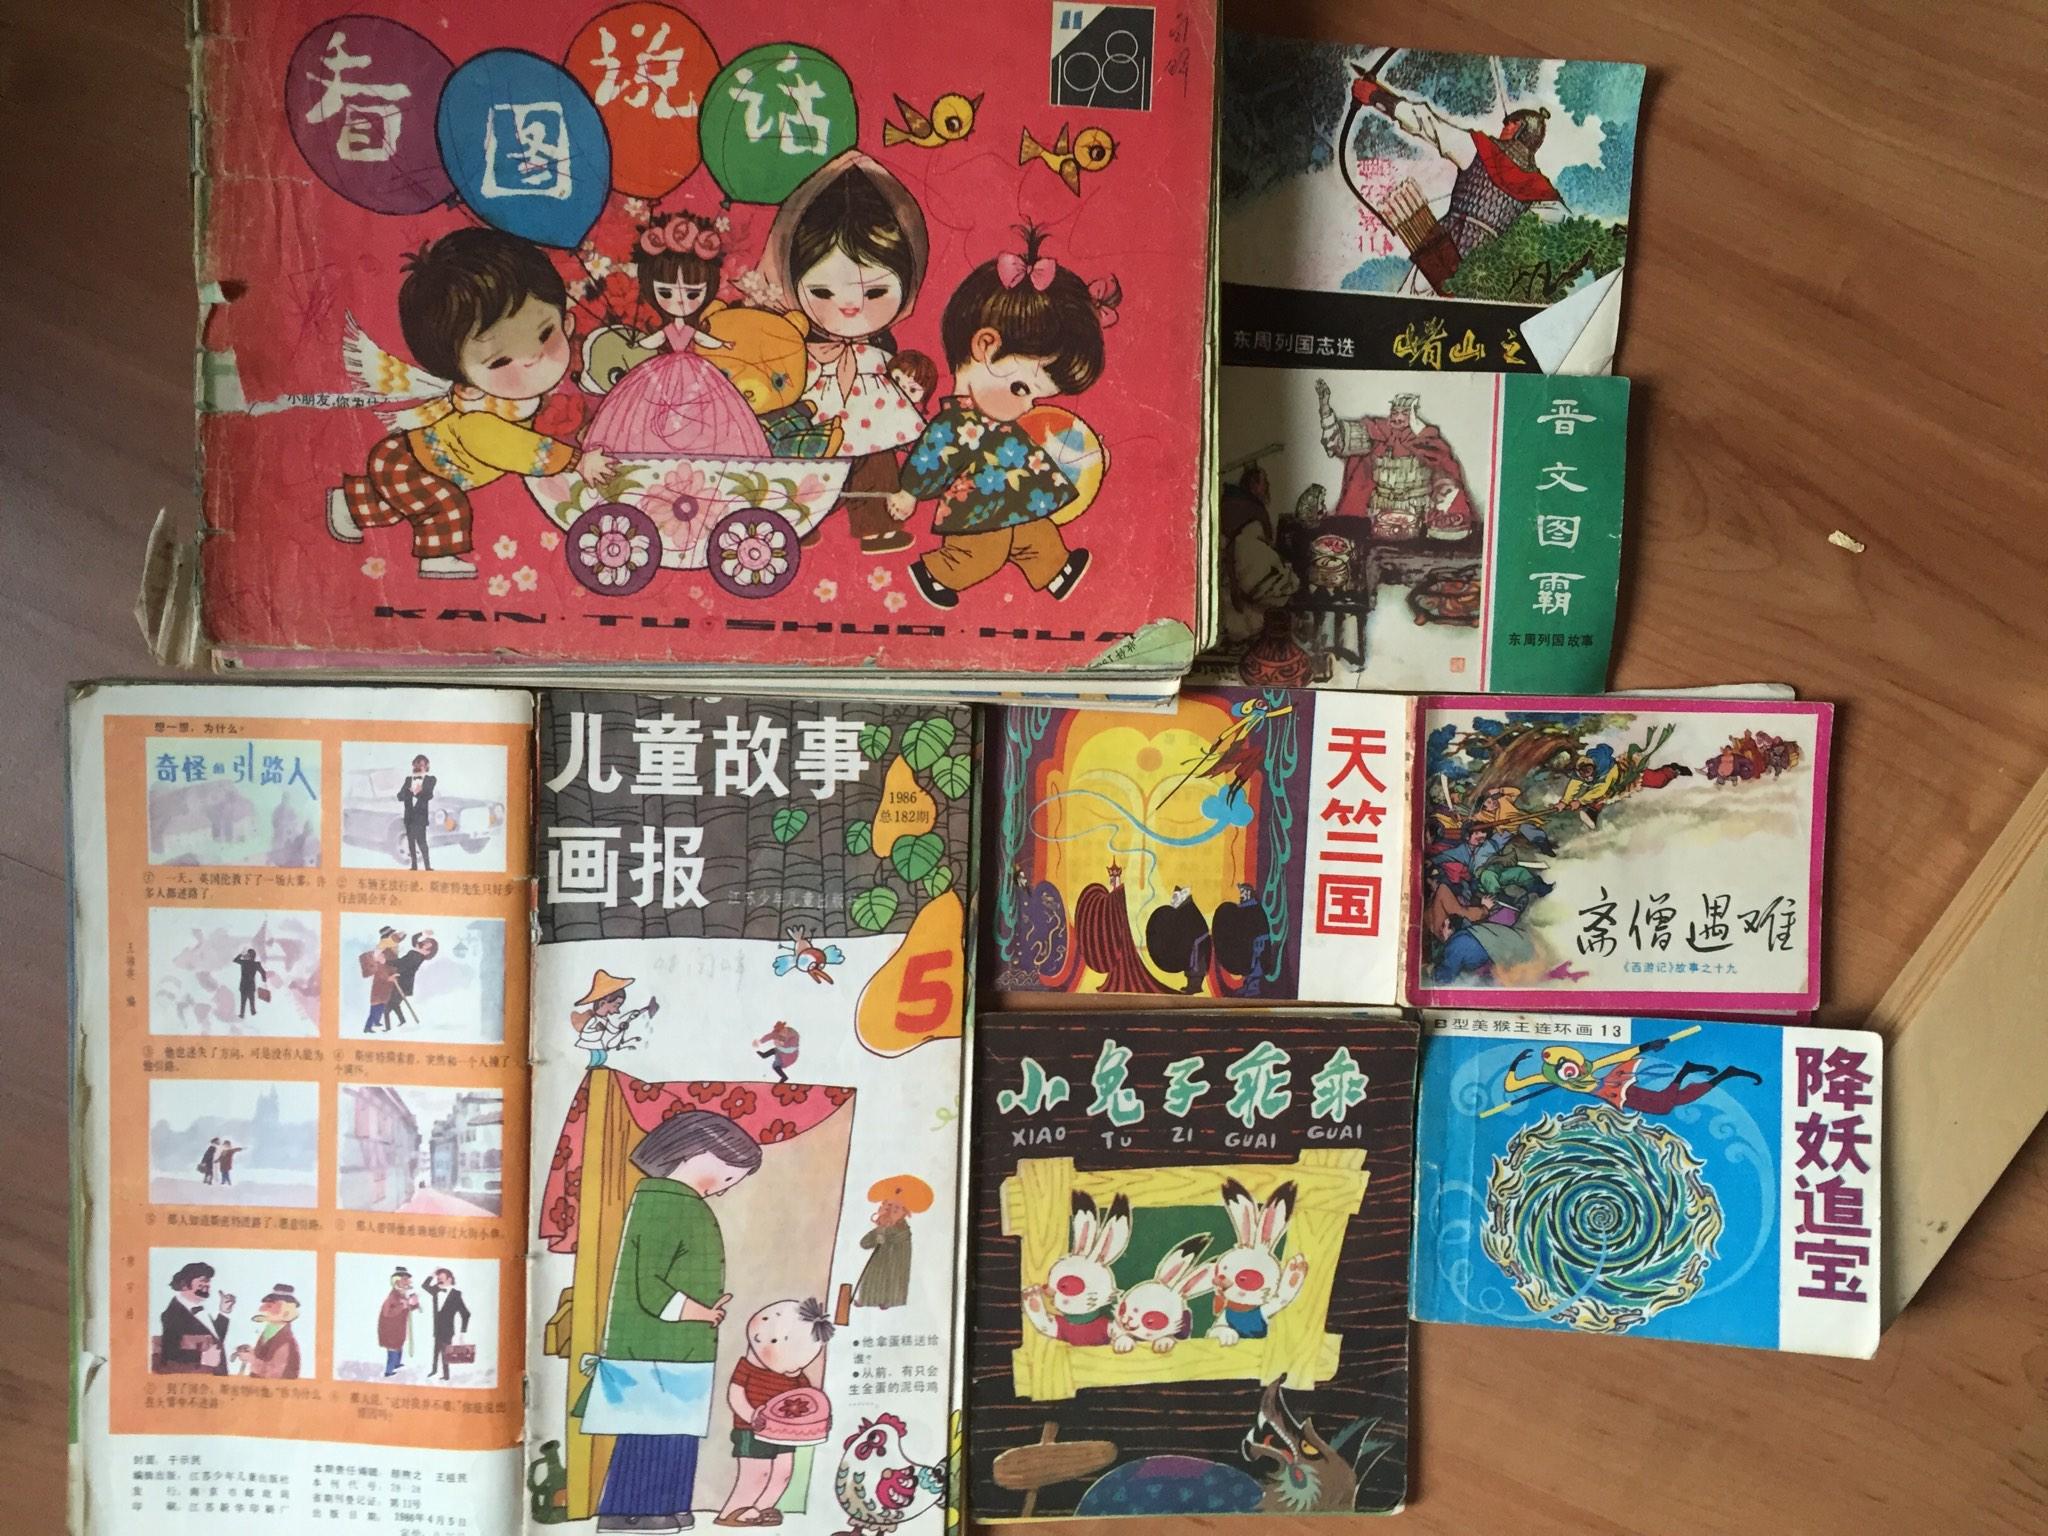 【小人书系列】在线收听